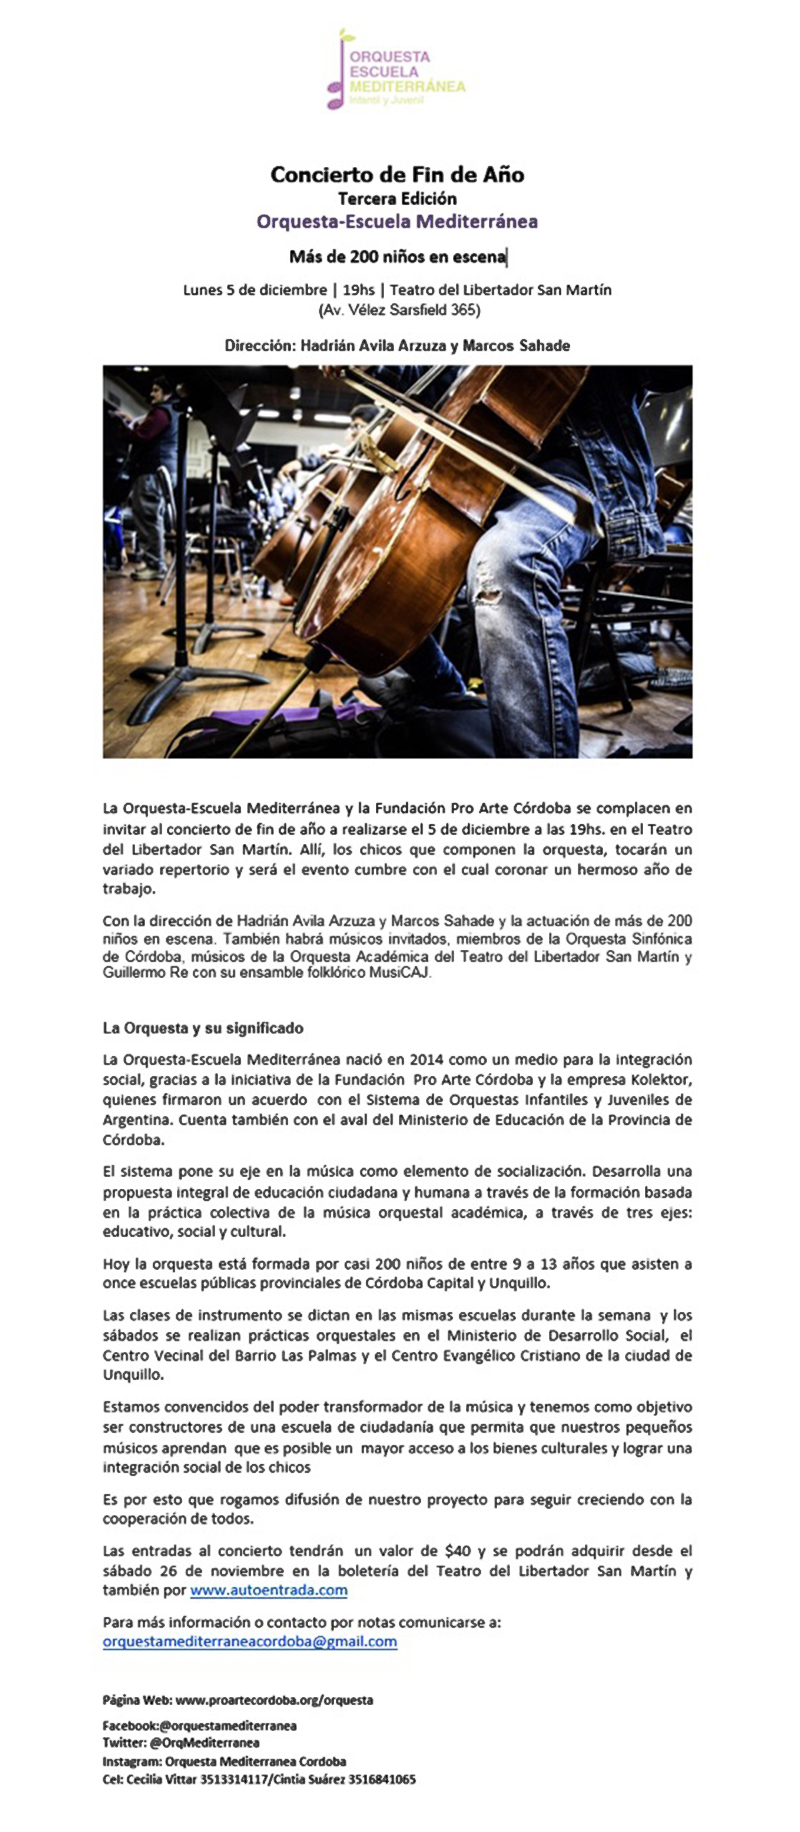 gacetilla_jpg-1